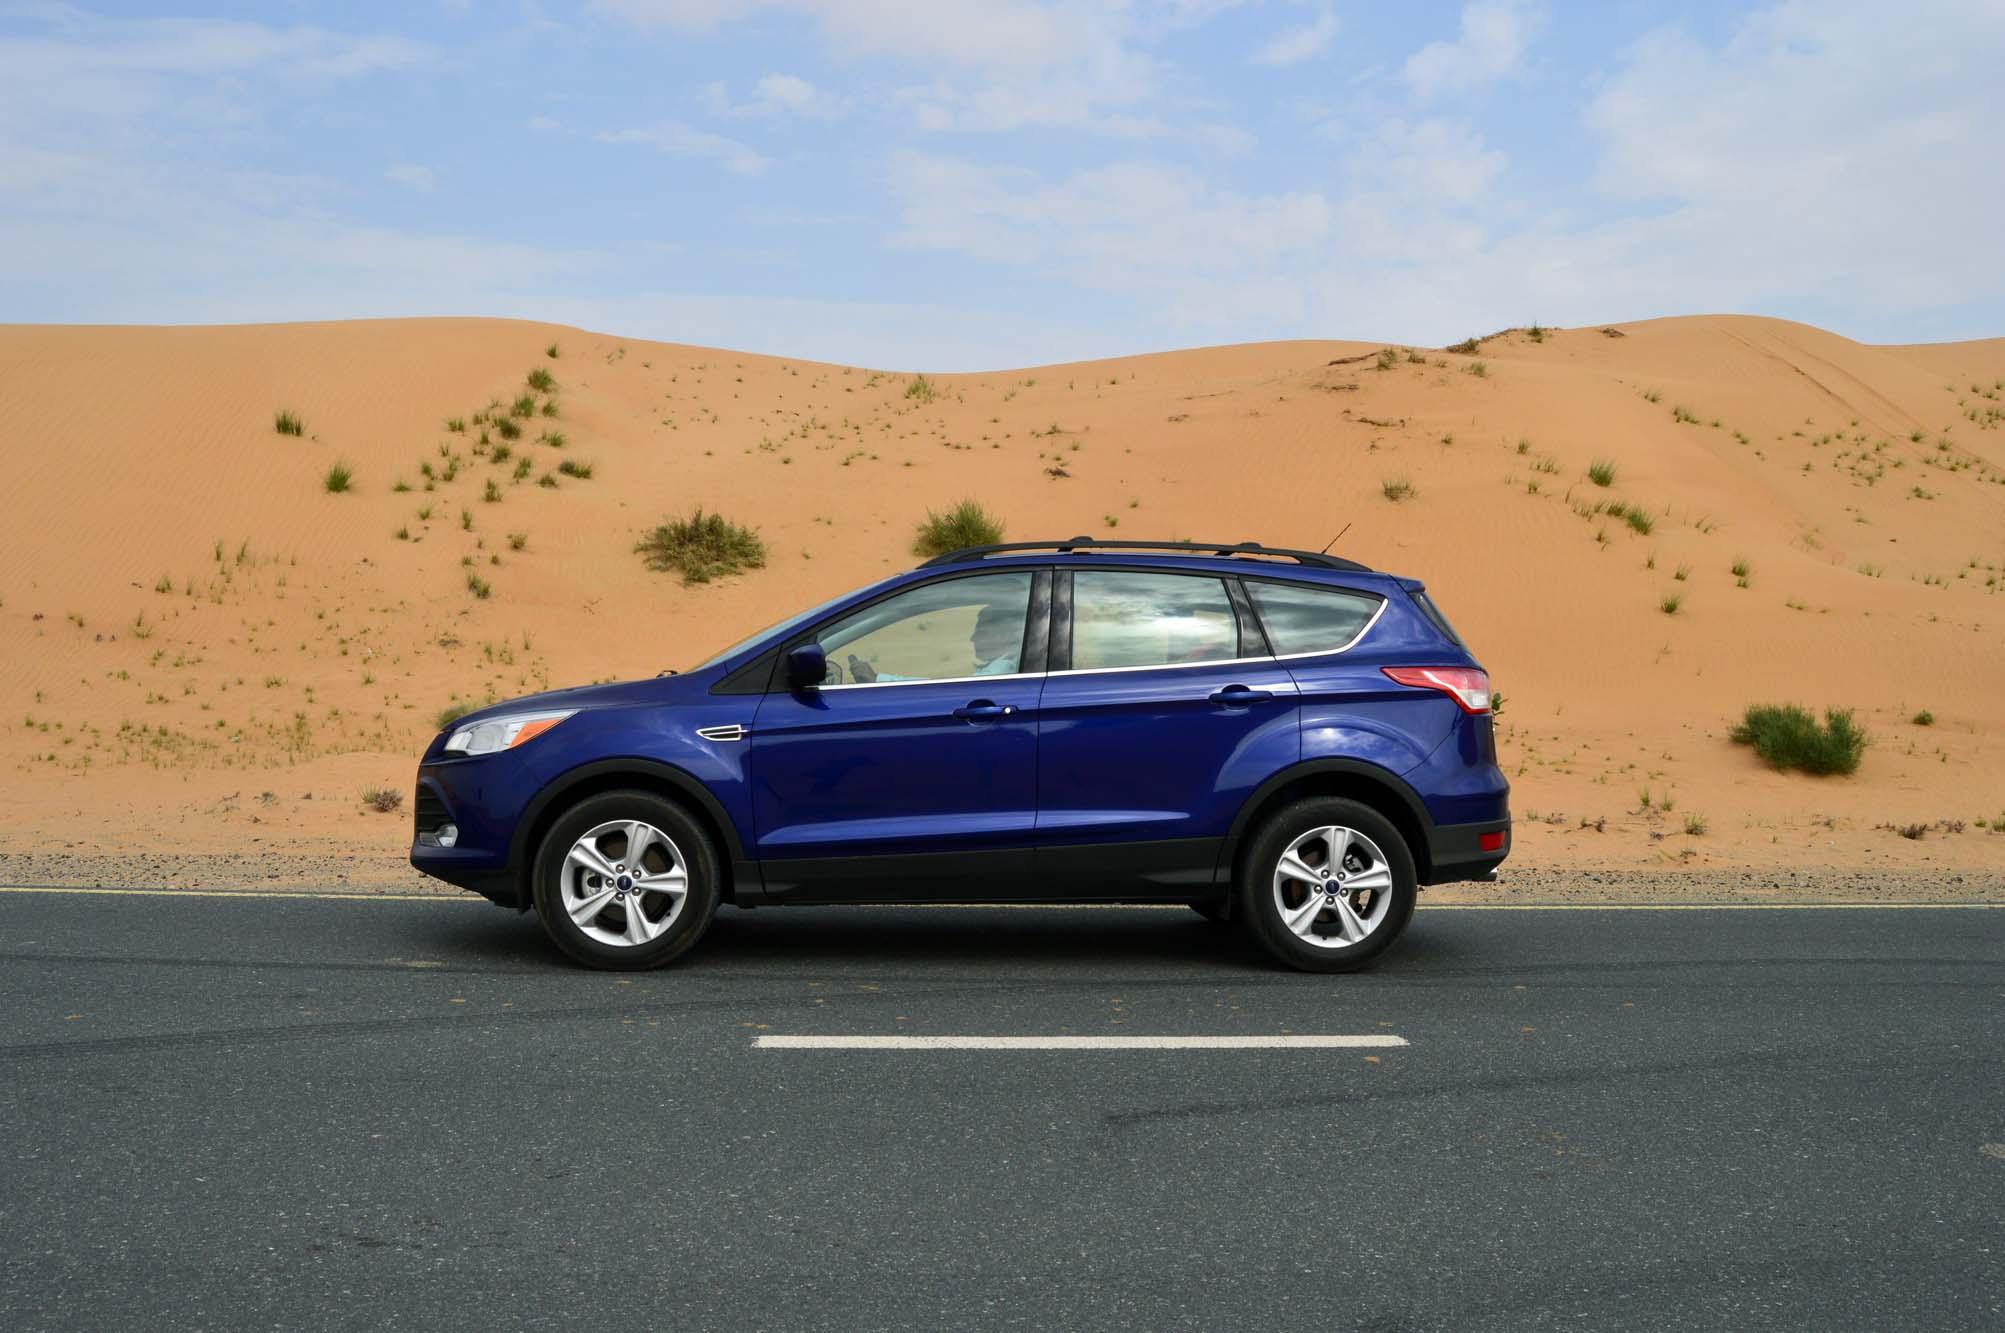 Ford Escape Consumer Reviews 2013 | Autos Post